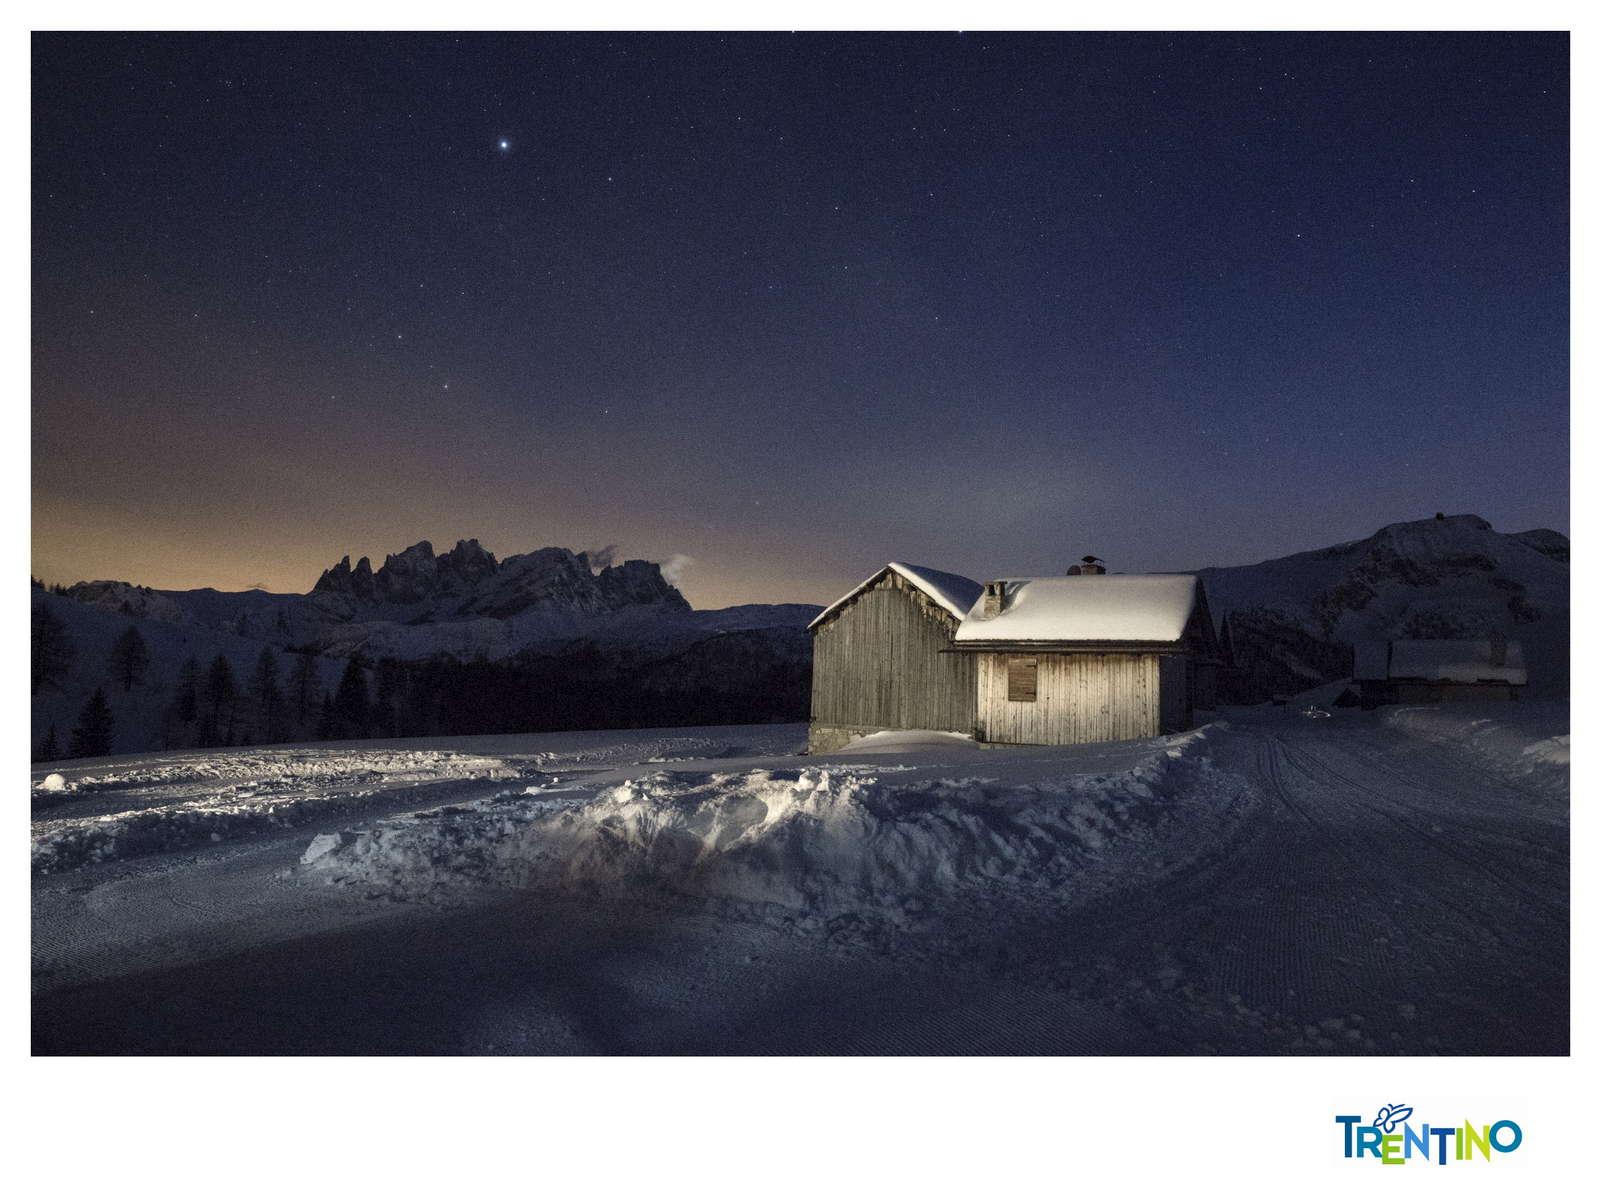 Trentino_Corporate00